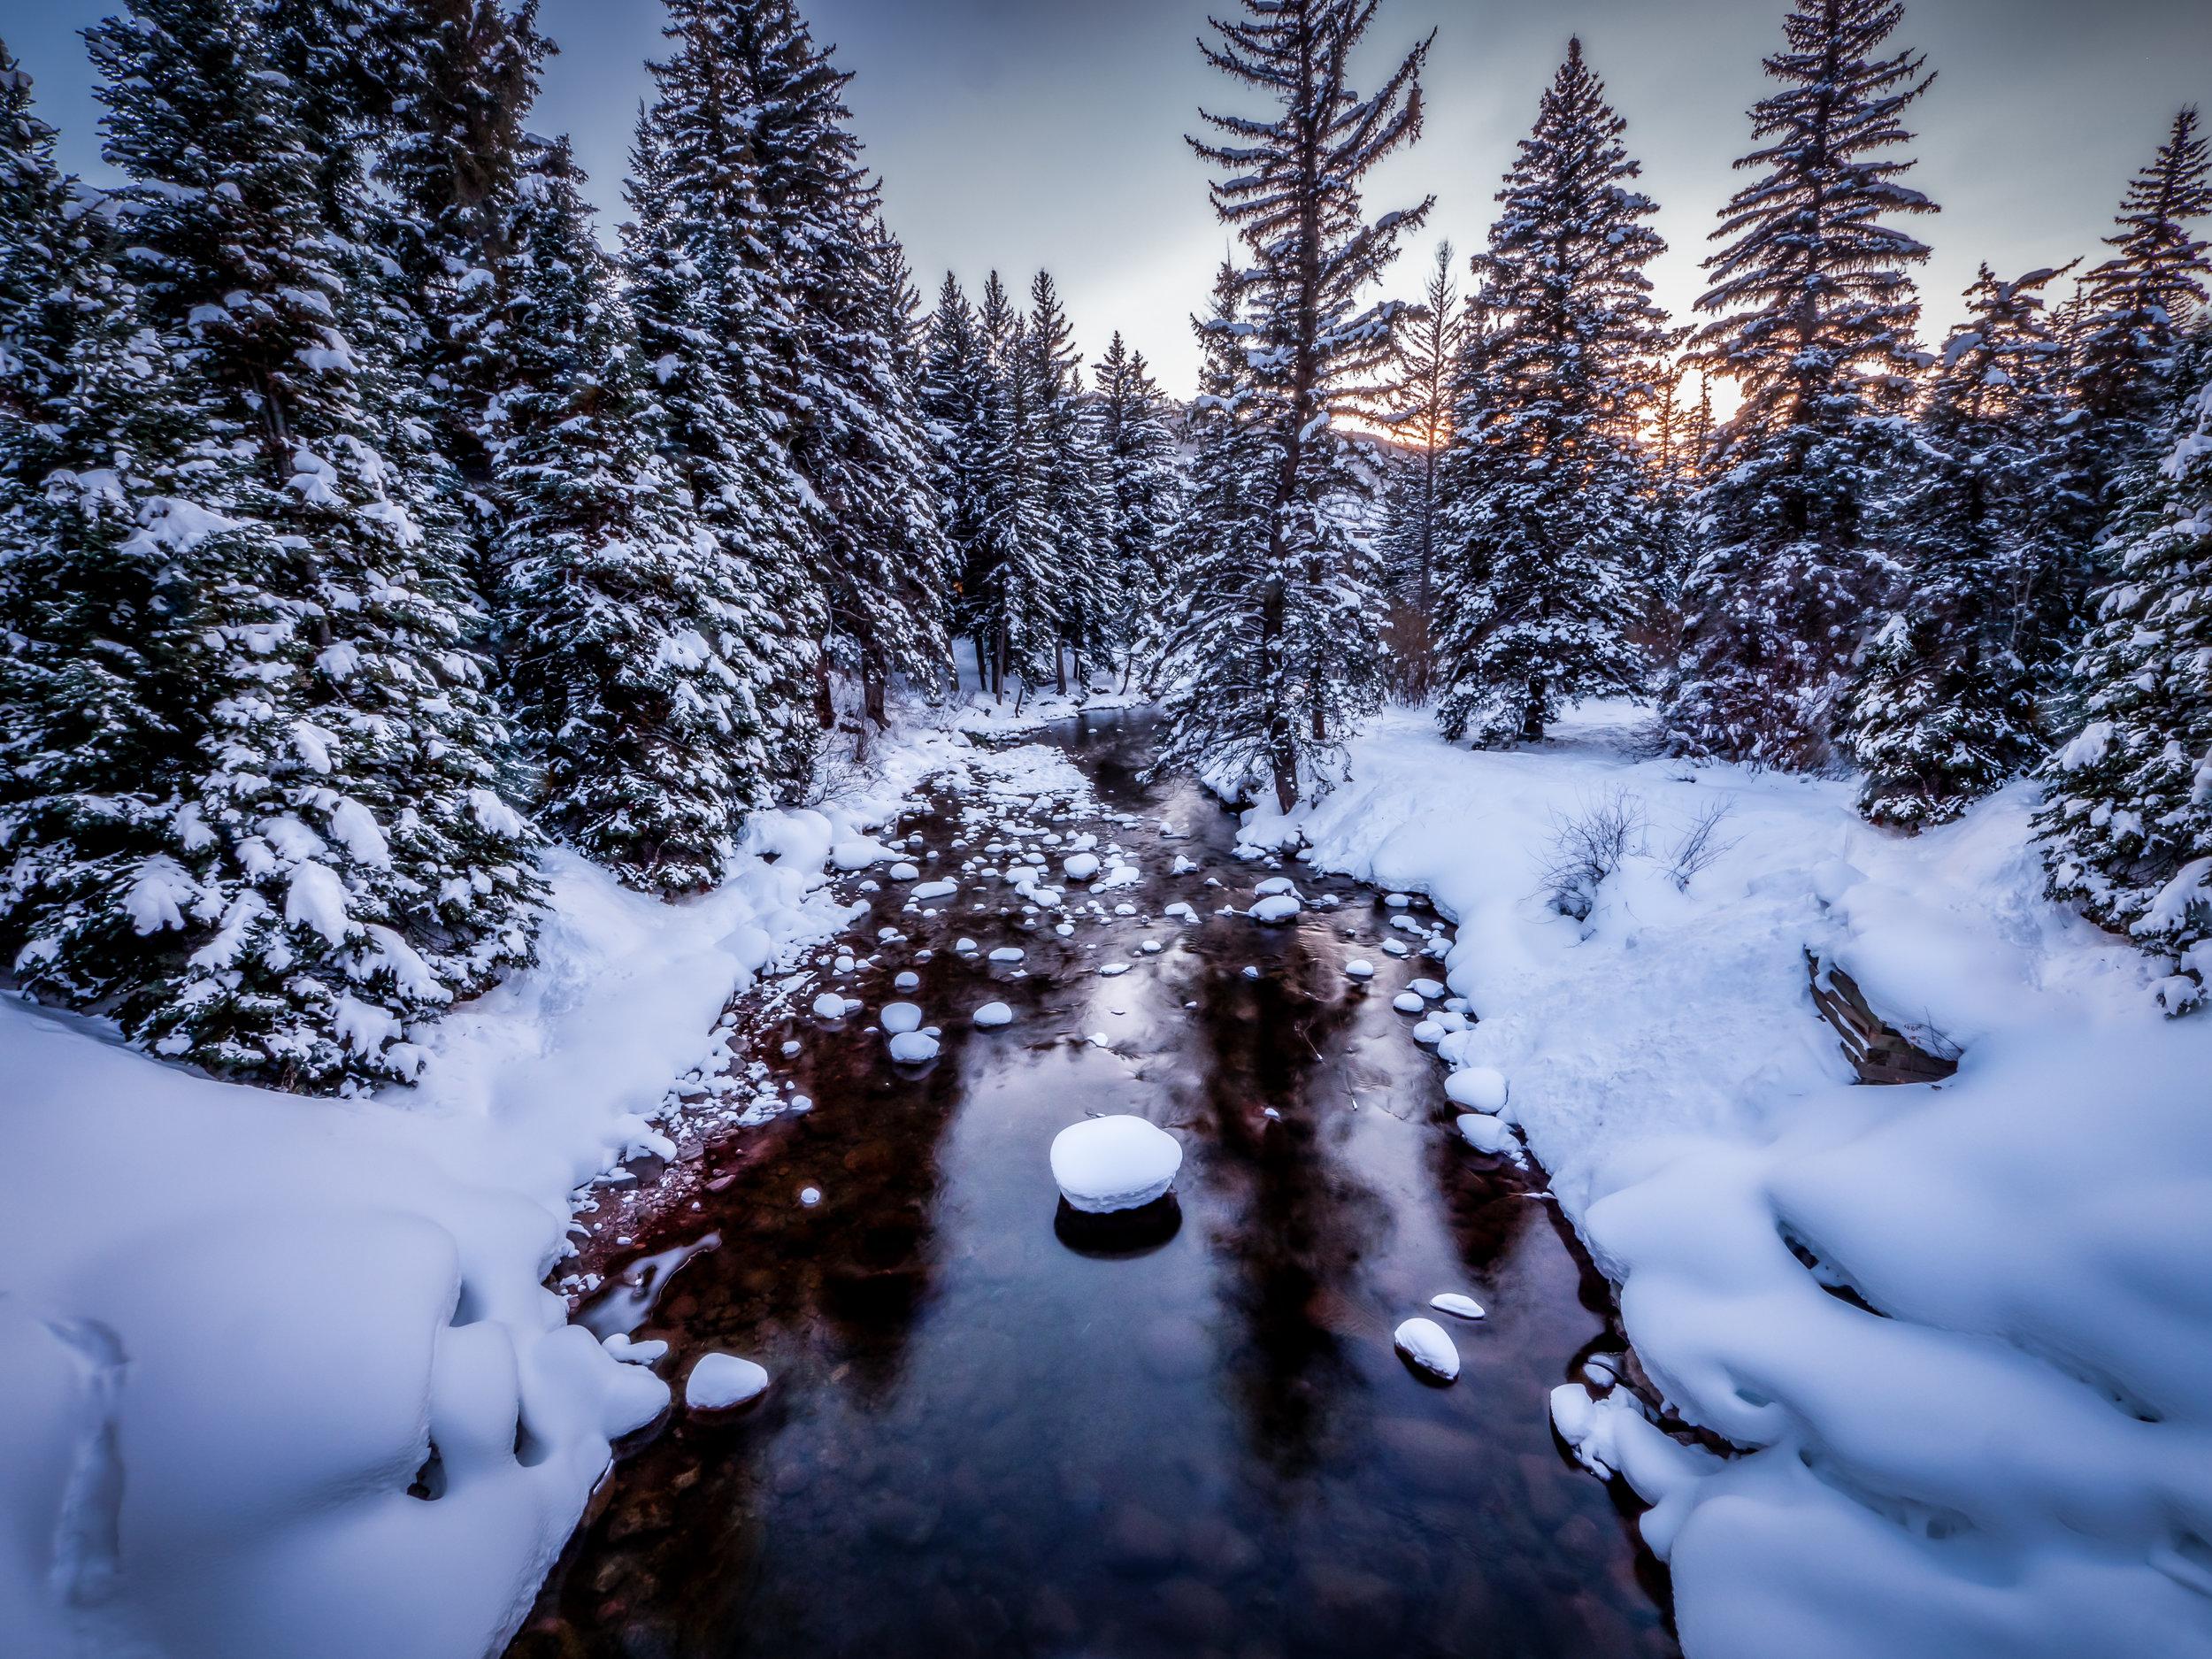 2016 Vail Colorado Board Meeting  (2 of 3).jpg